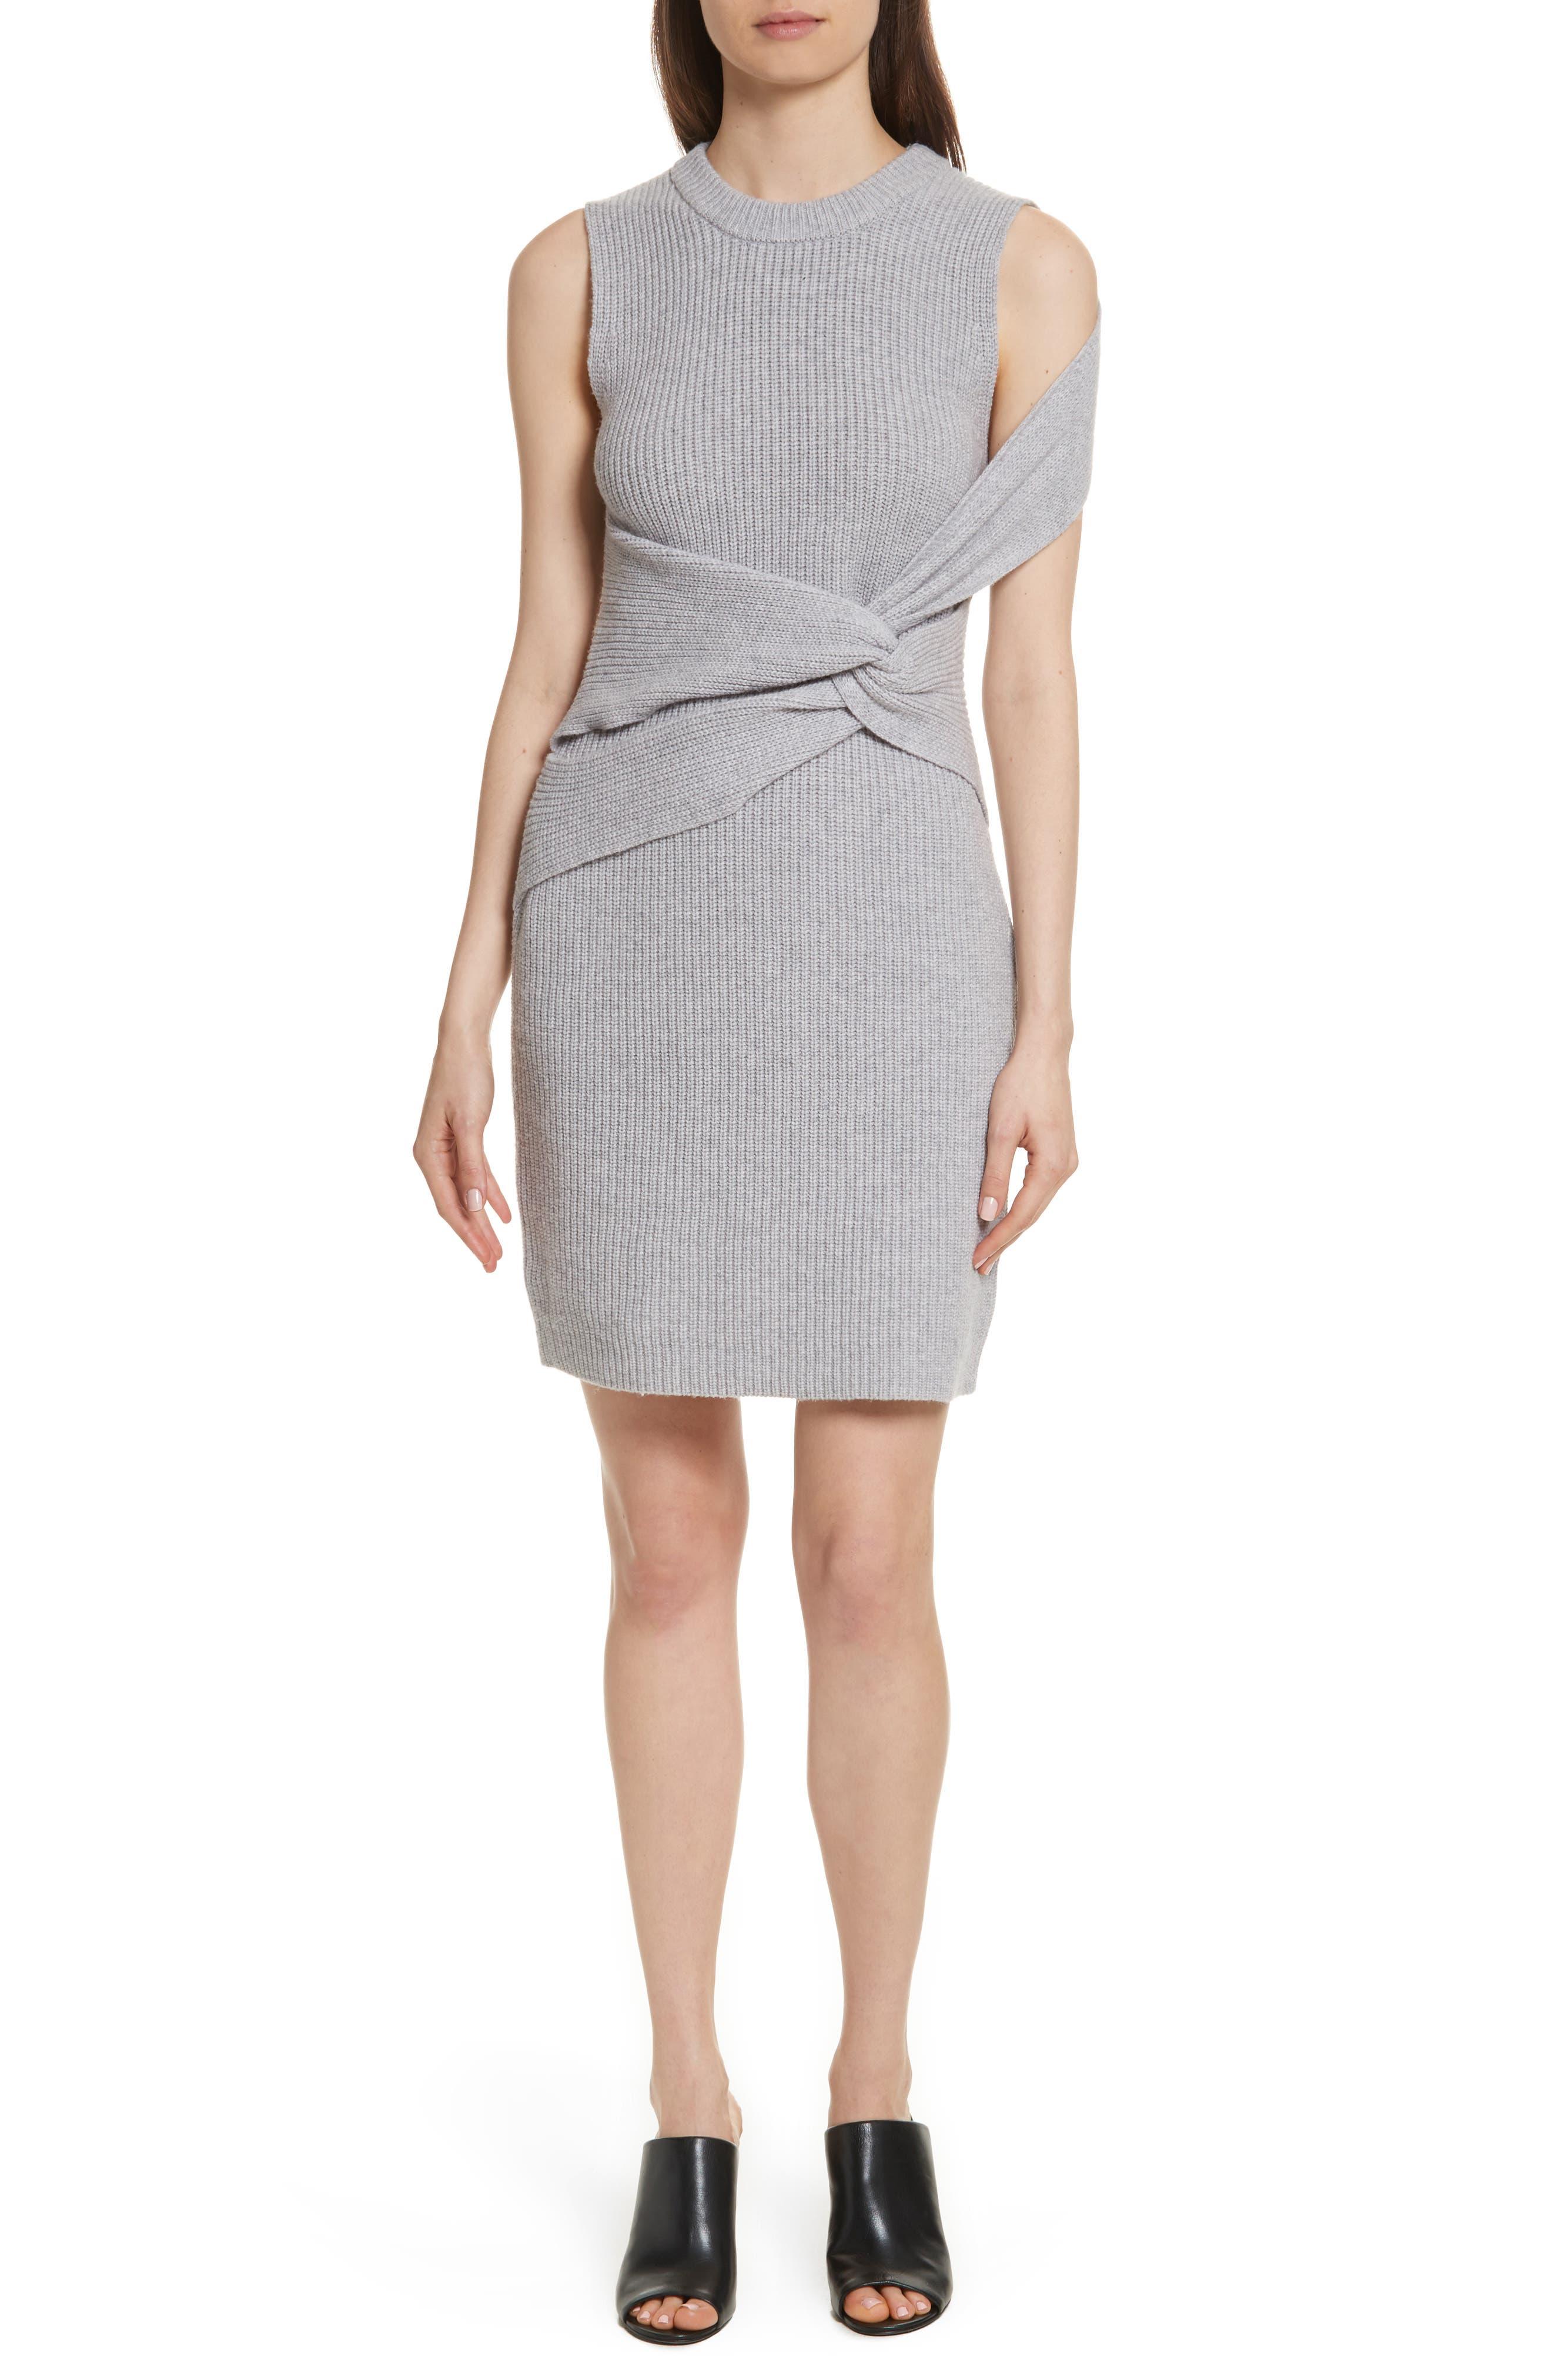 Main Image - 3.1 Phillip Lim Twist Knit Dress